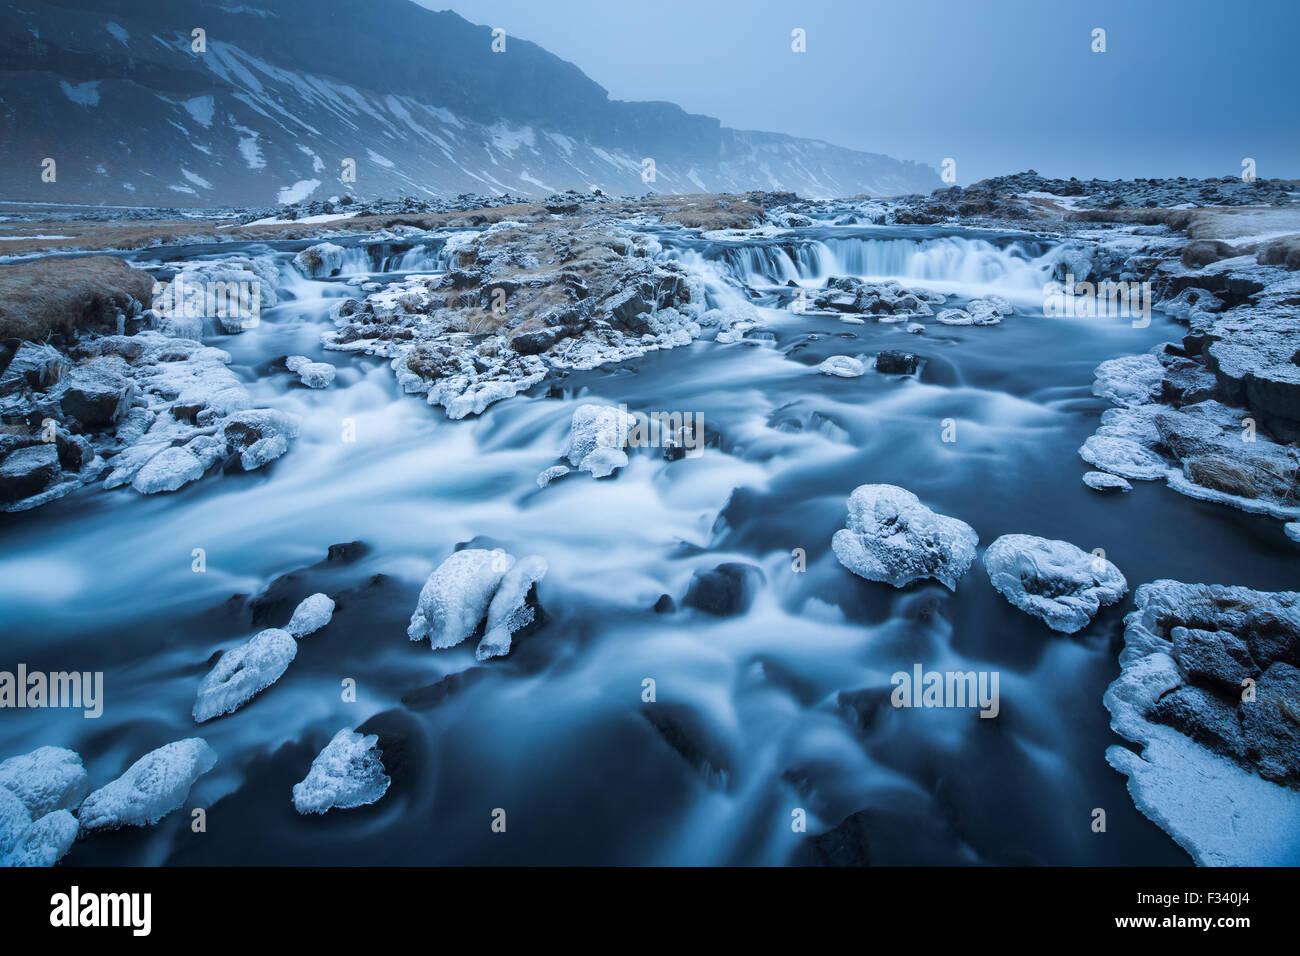 Skaftartunga, Iceland - Stock Image